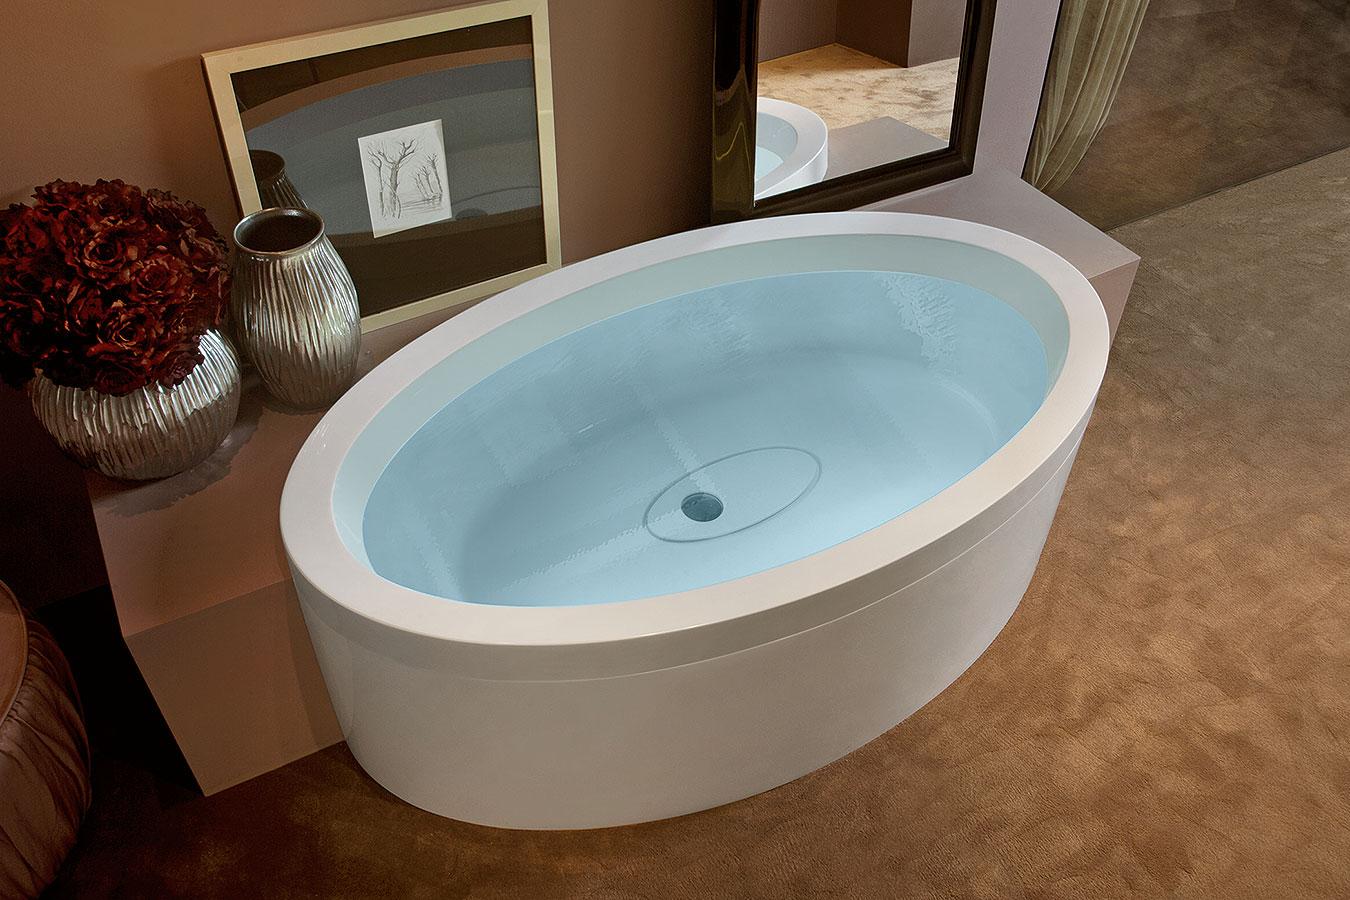 Vasca Da Bagno Esterna Prezzi : Mensole fai da te con rami vasca da bagno esterna azlit.net